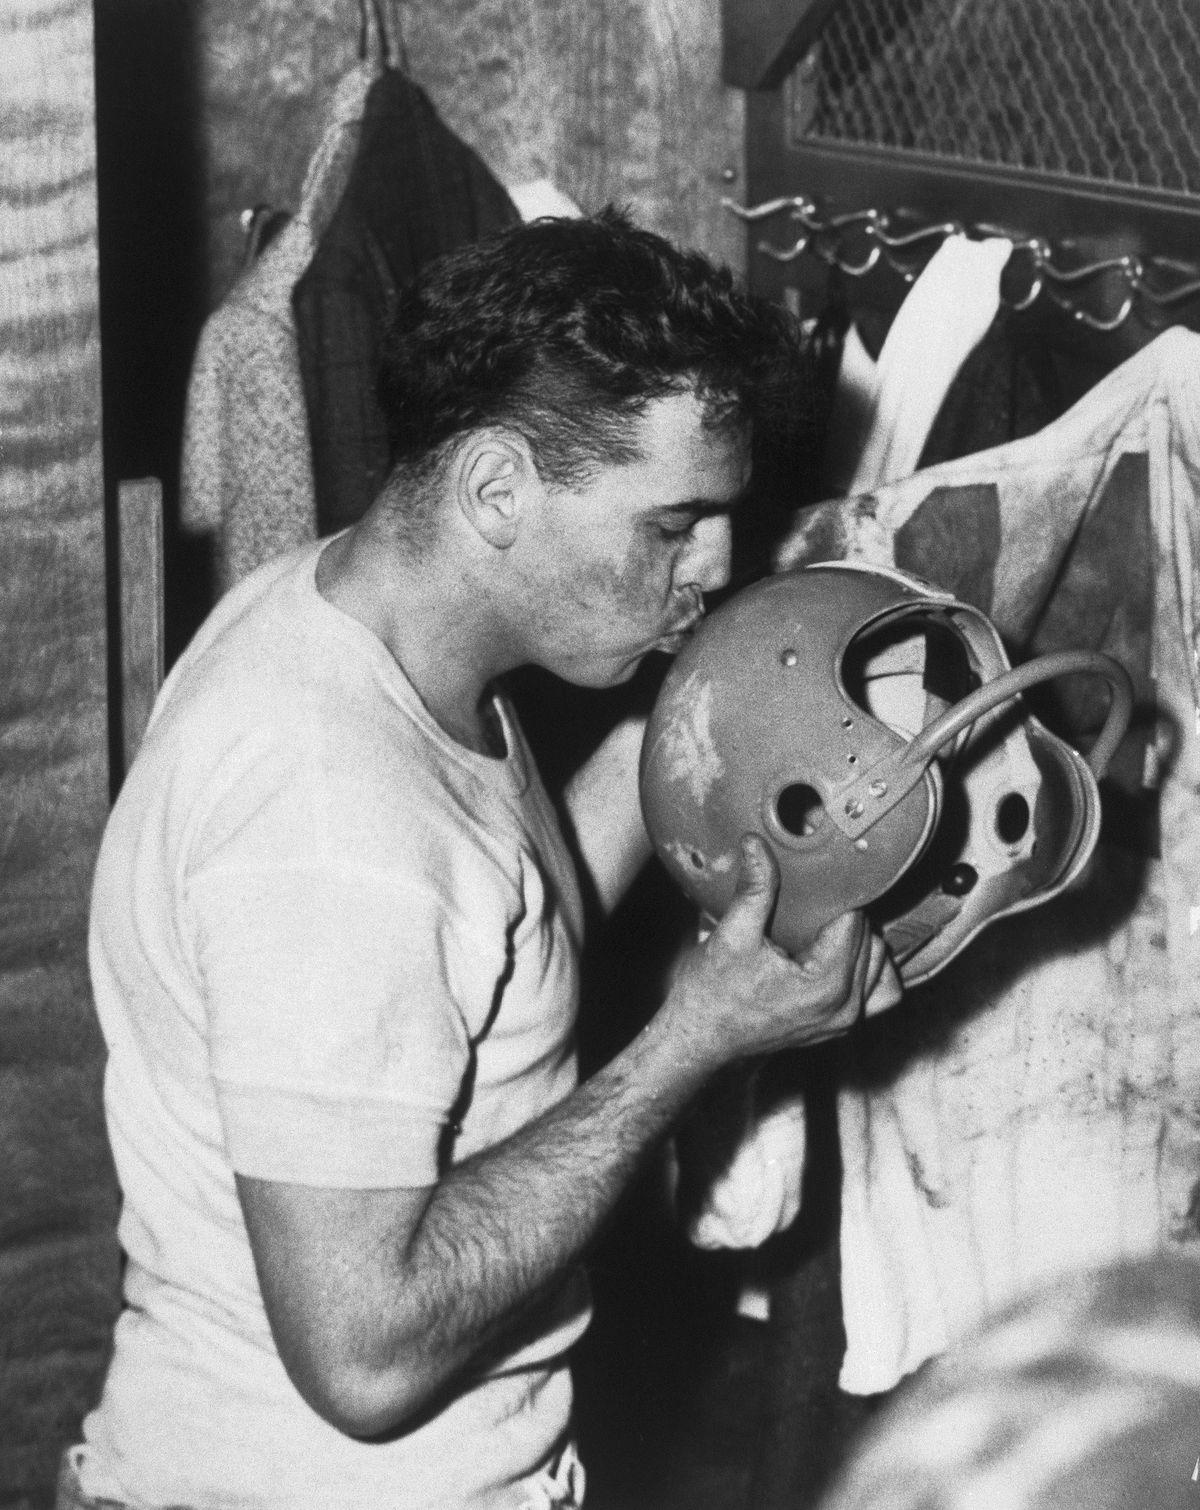 Otto Graham Kissing Helmet